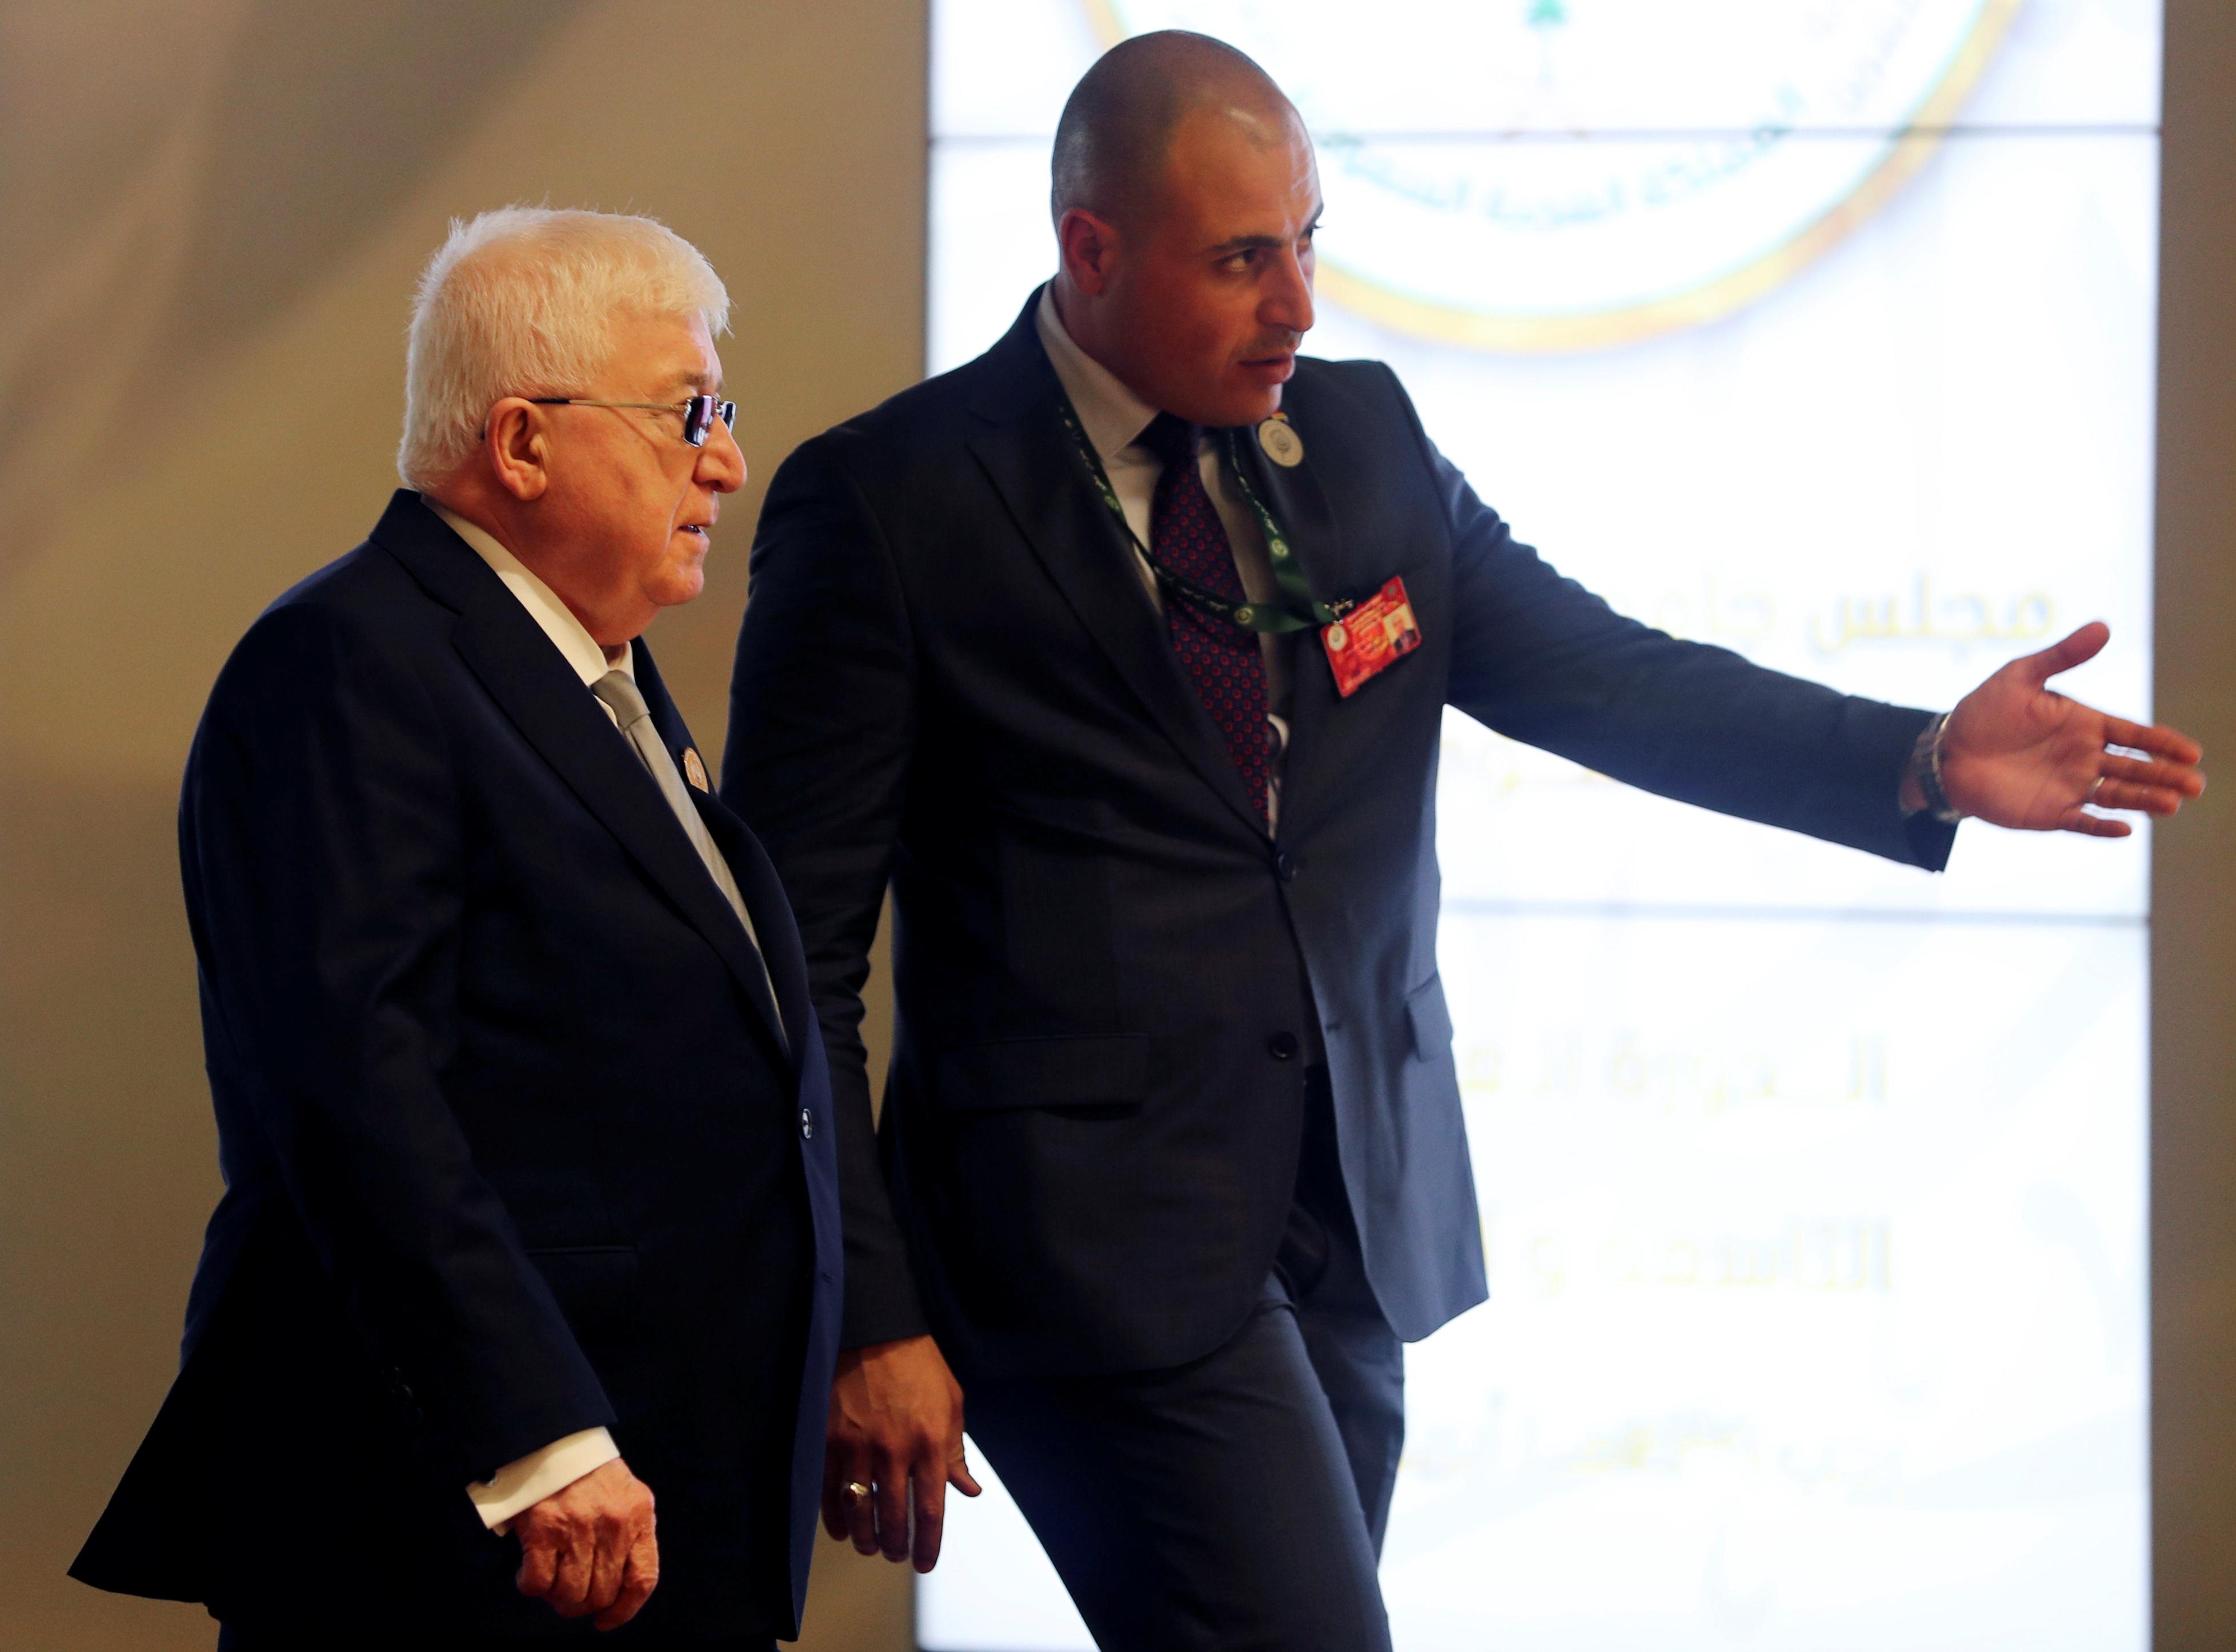 الرئيس الفلسطينى يصل مقر انعقاد القمة العربية